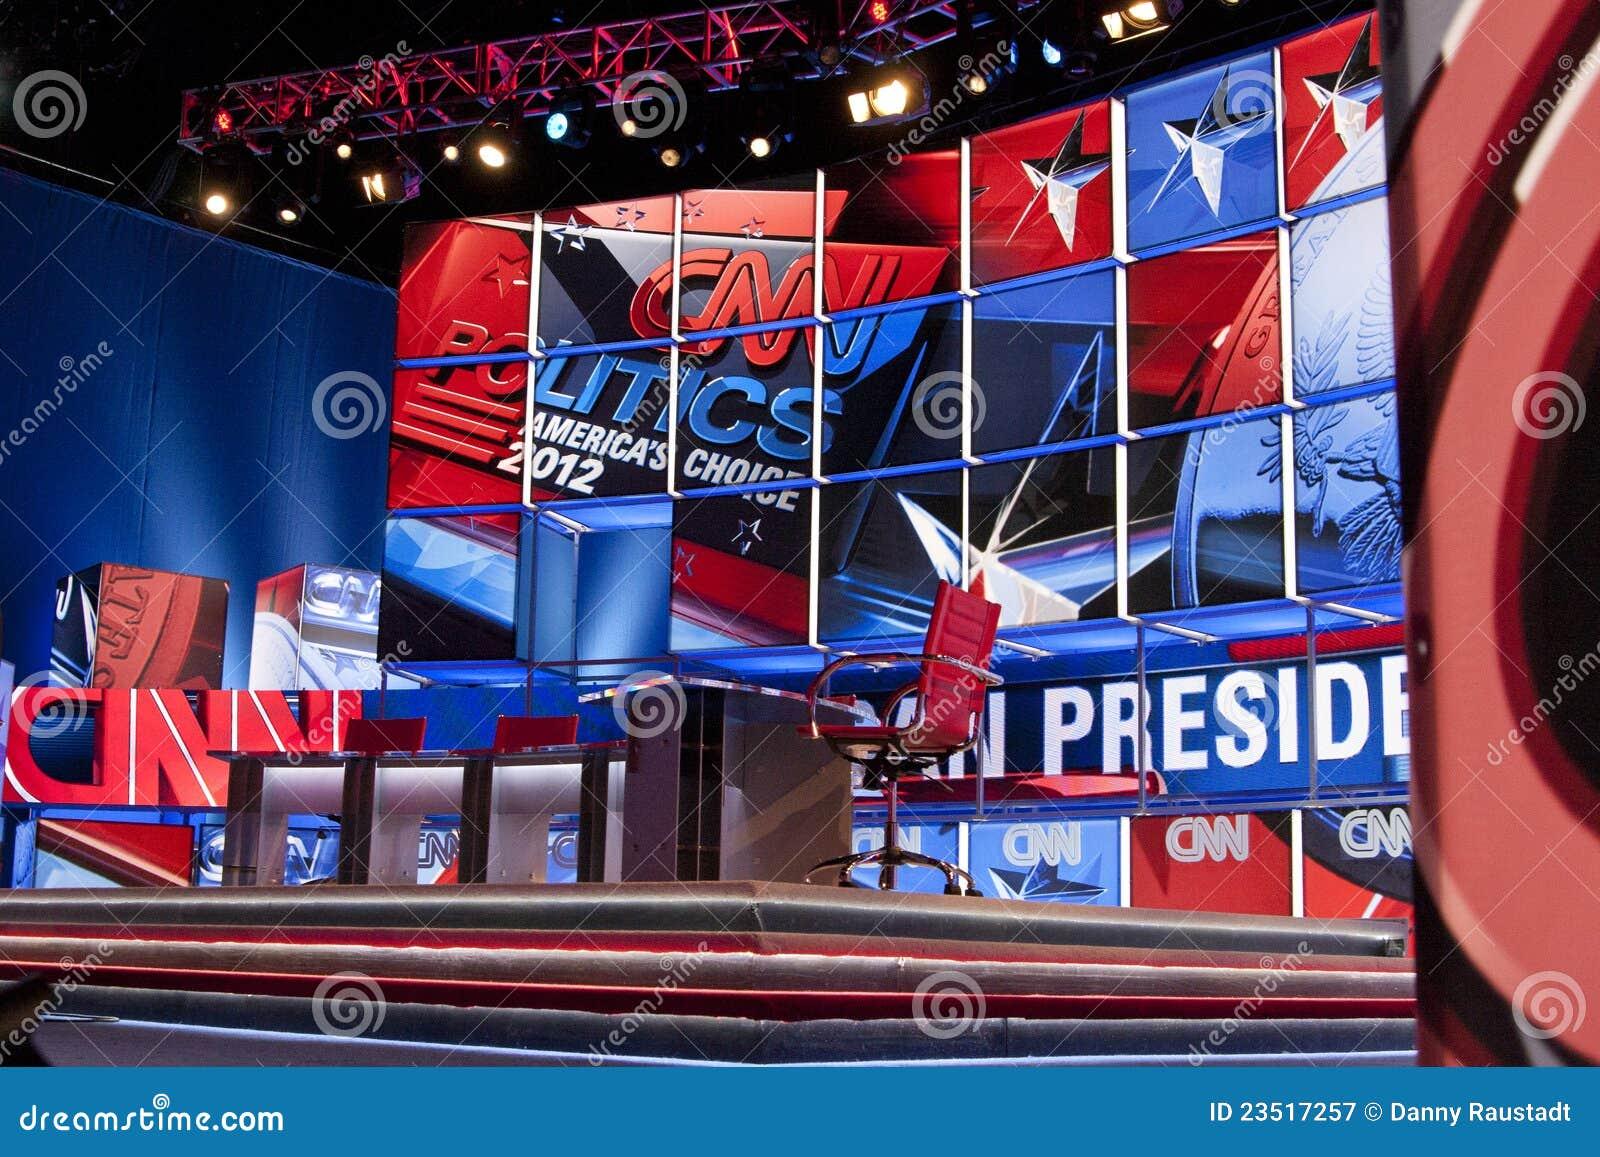 CNN-Kabelfernsehen-Debatte-Stufe-Set